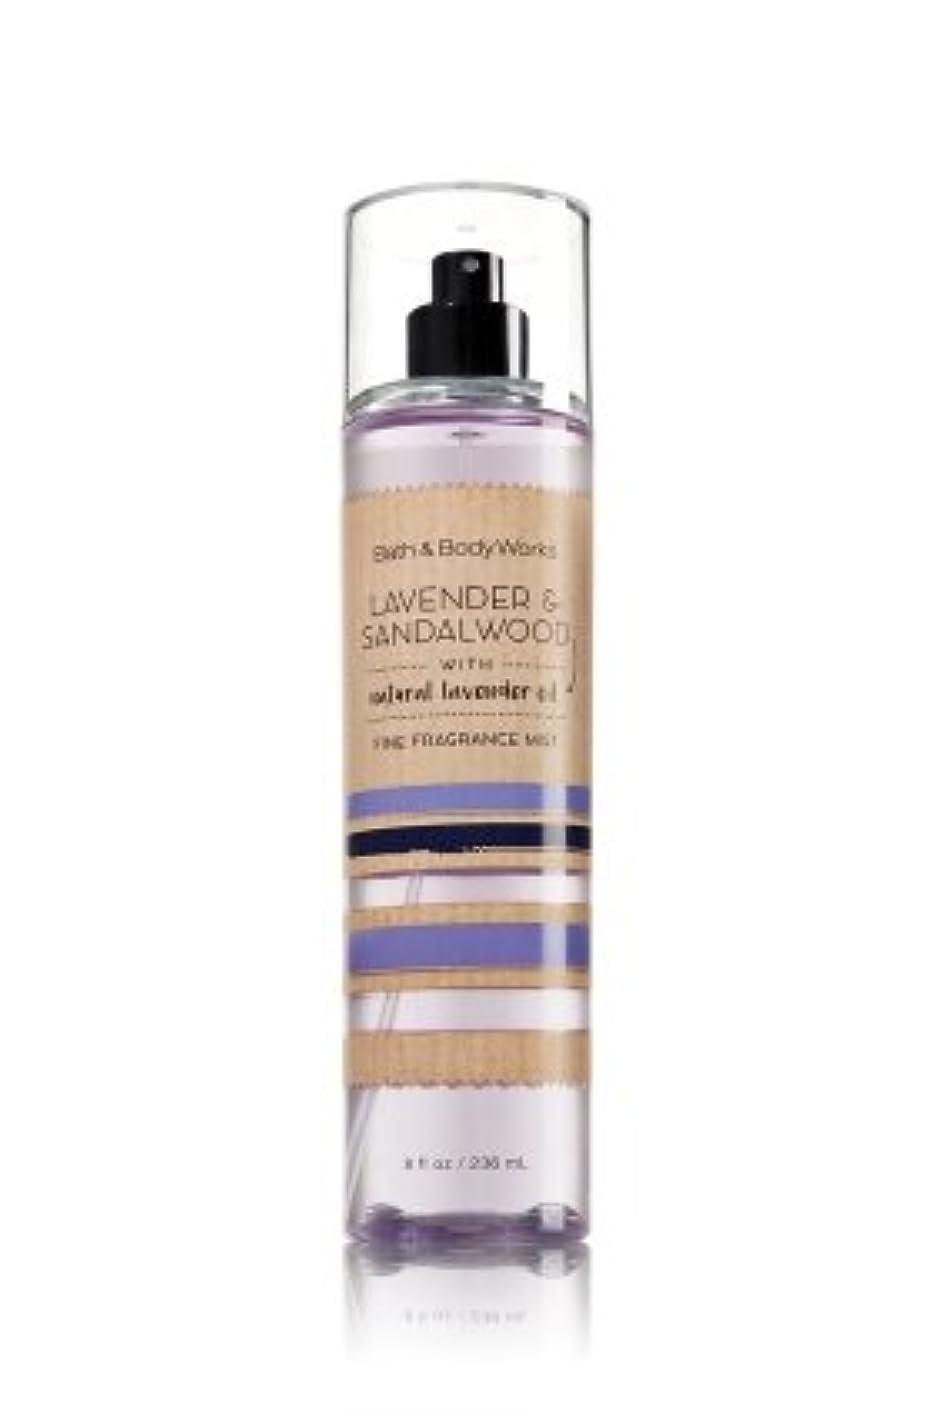 上院再開屋内で【Bath&Body Works/バス&ボディワークス】 ファインフレグランスミスト ラベンダー&サンダルウッド Fine Fragrance Mist Lavender & Sandalwood 8oz (236ml)...